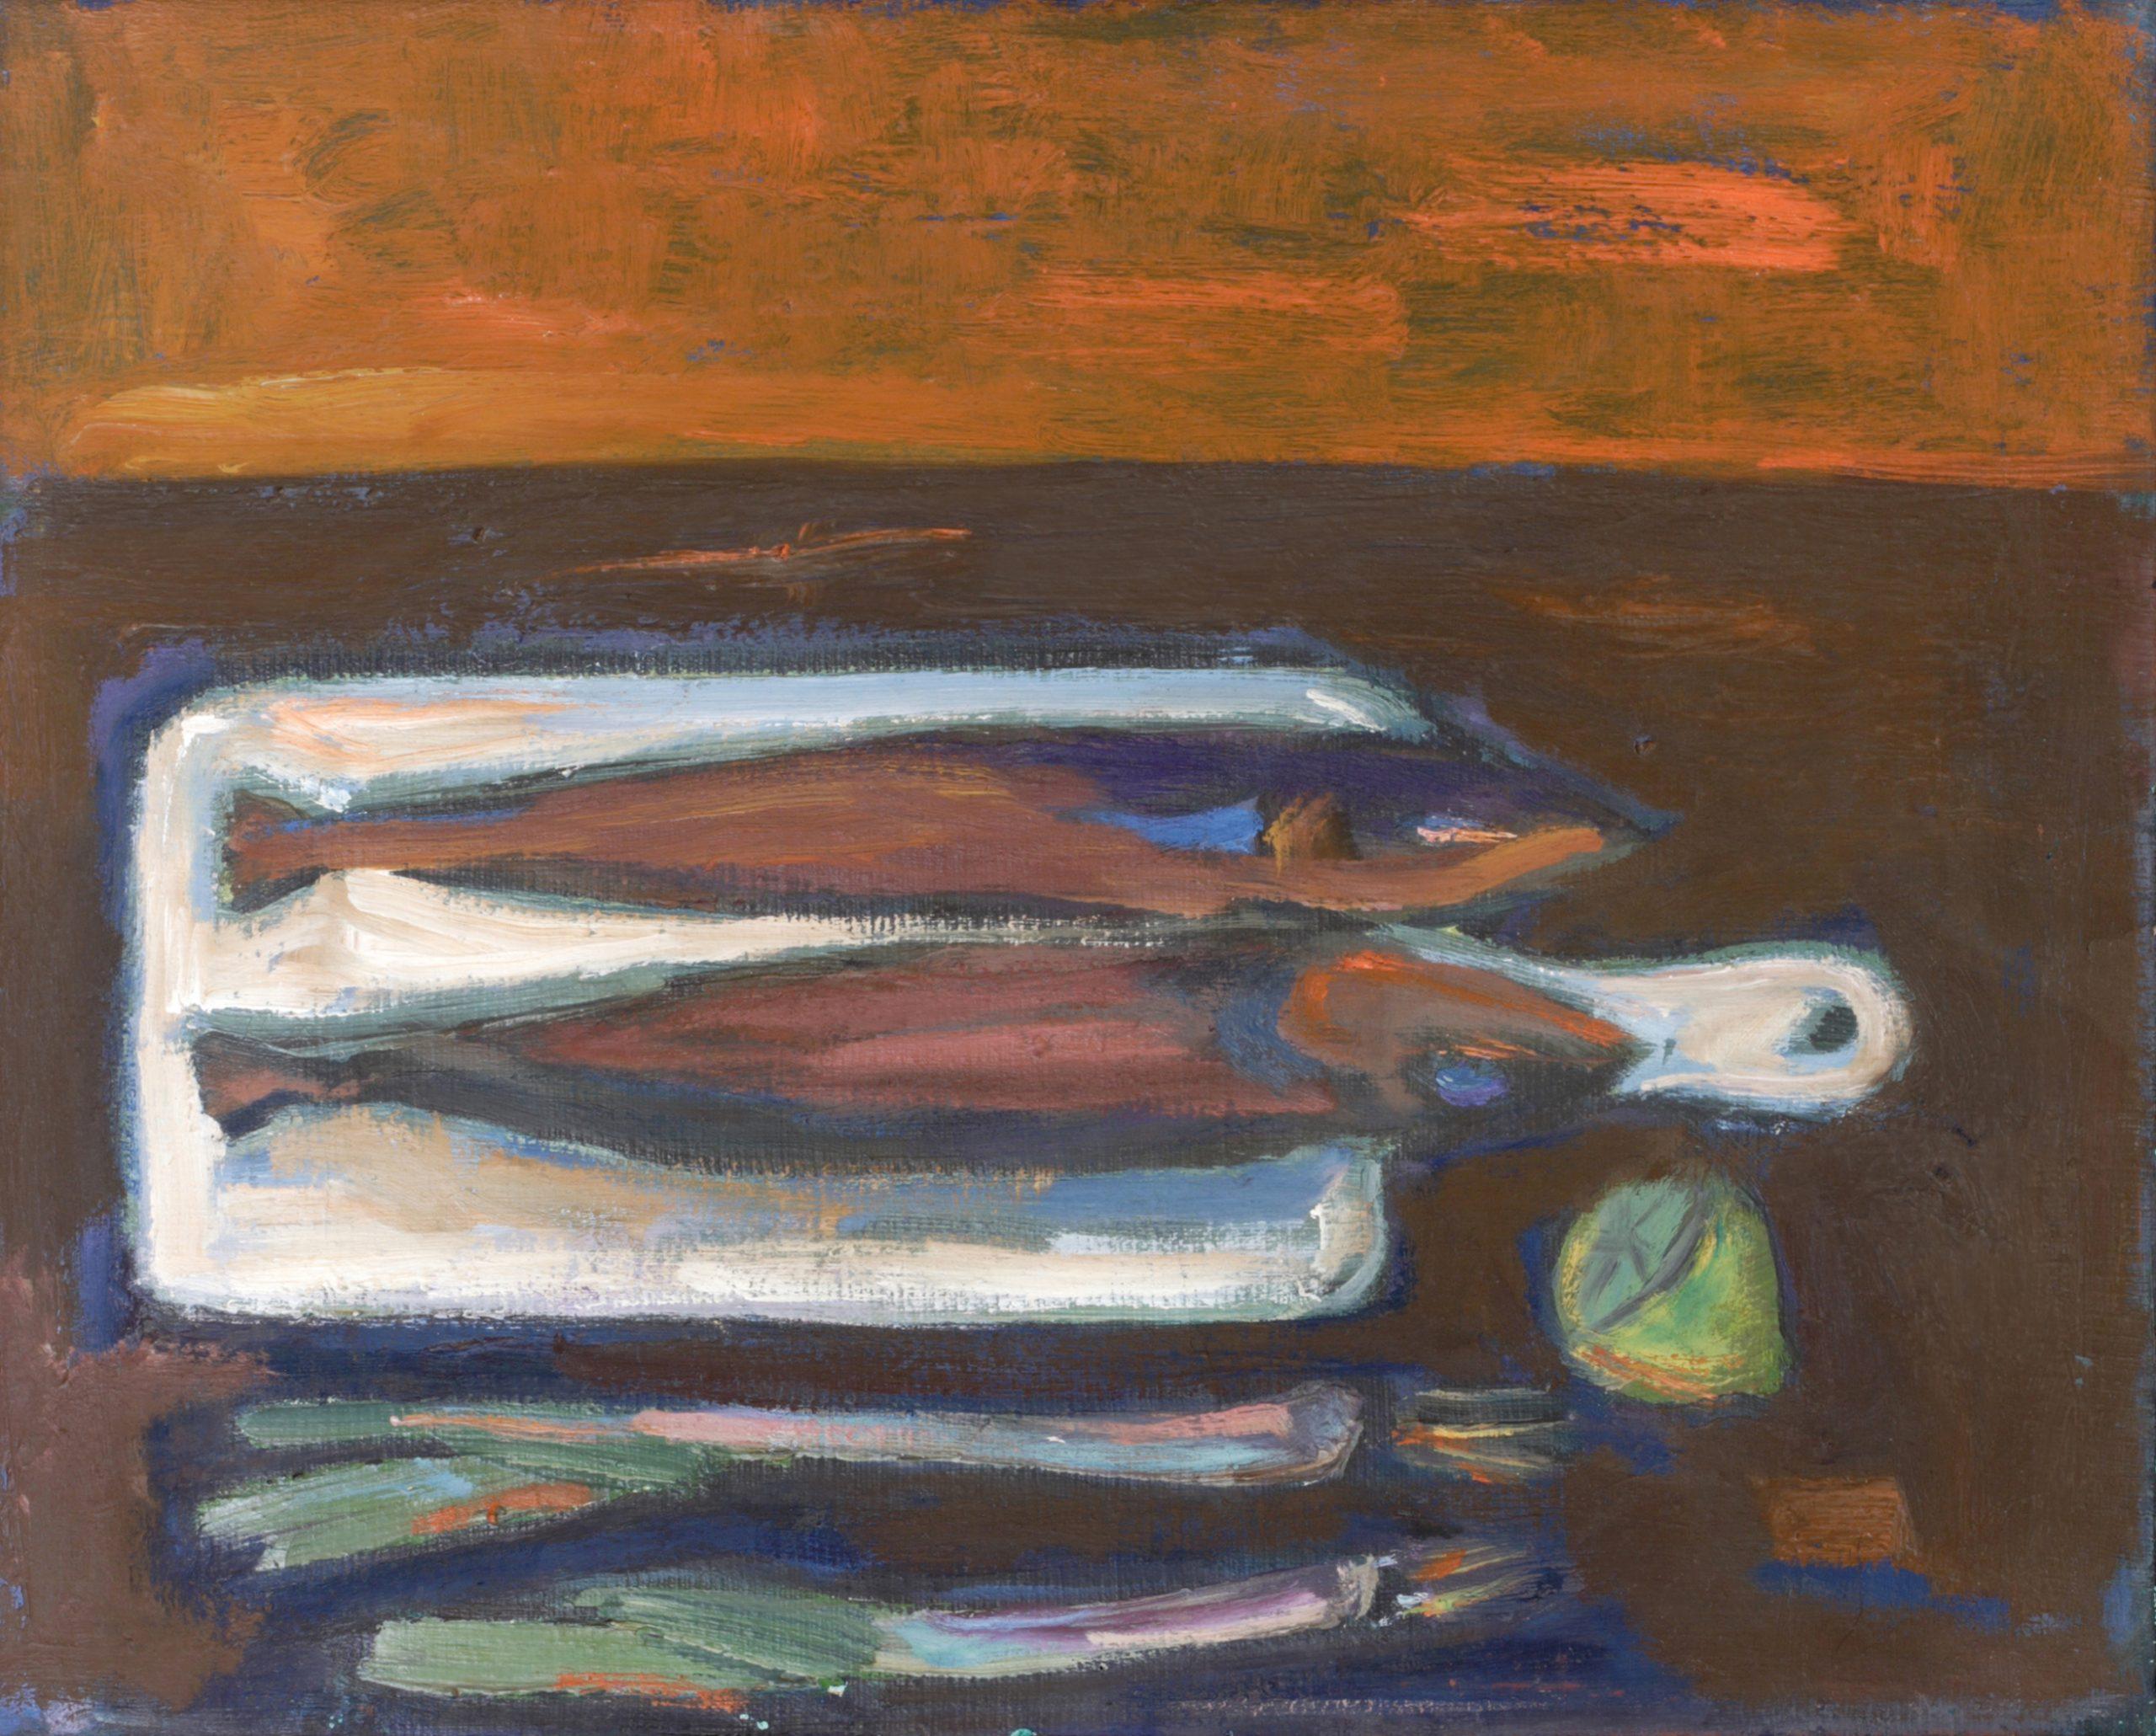 Натюрморт 'Дъска с риби' от Олга Белопитова